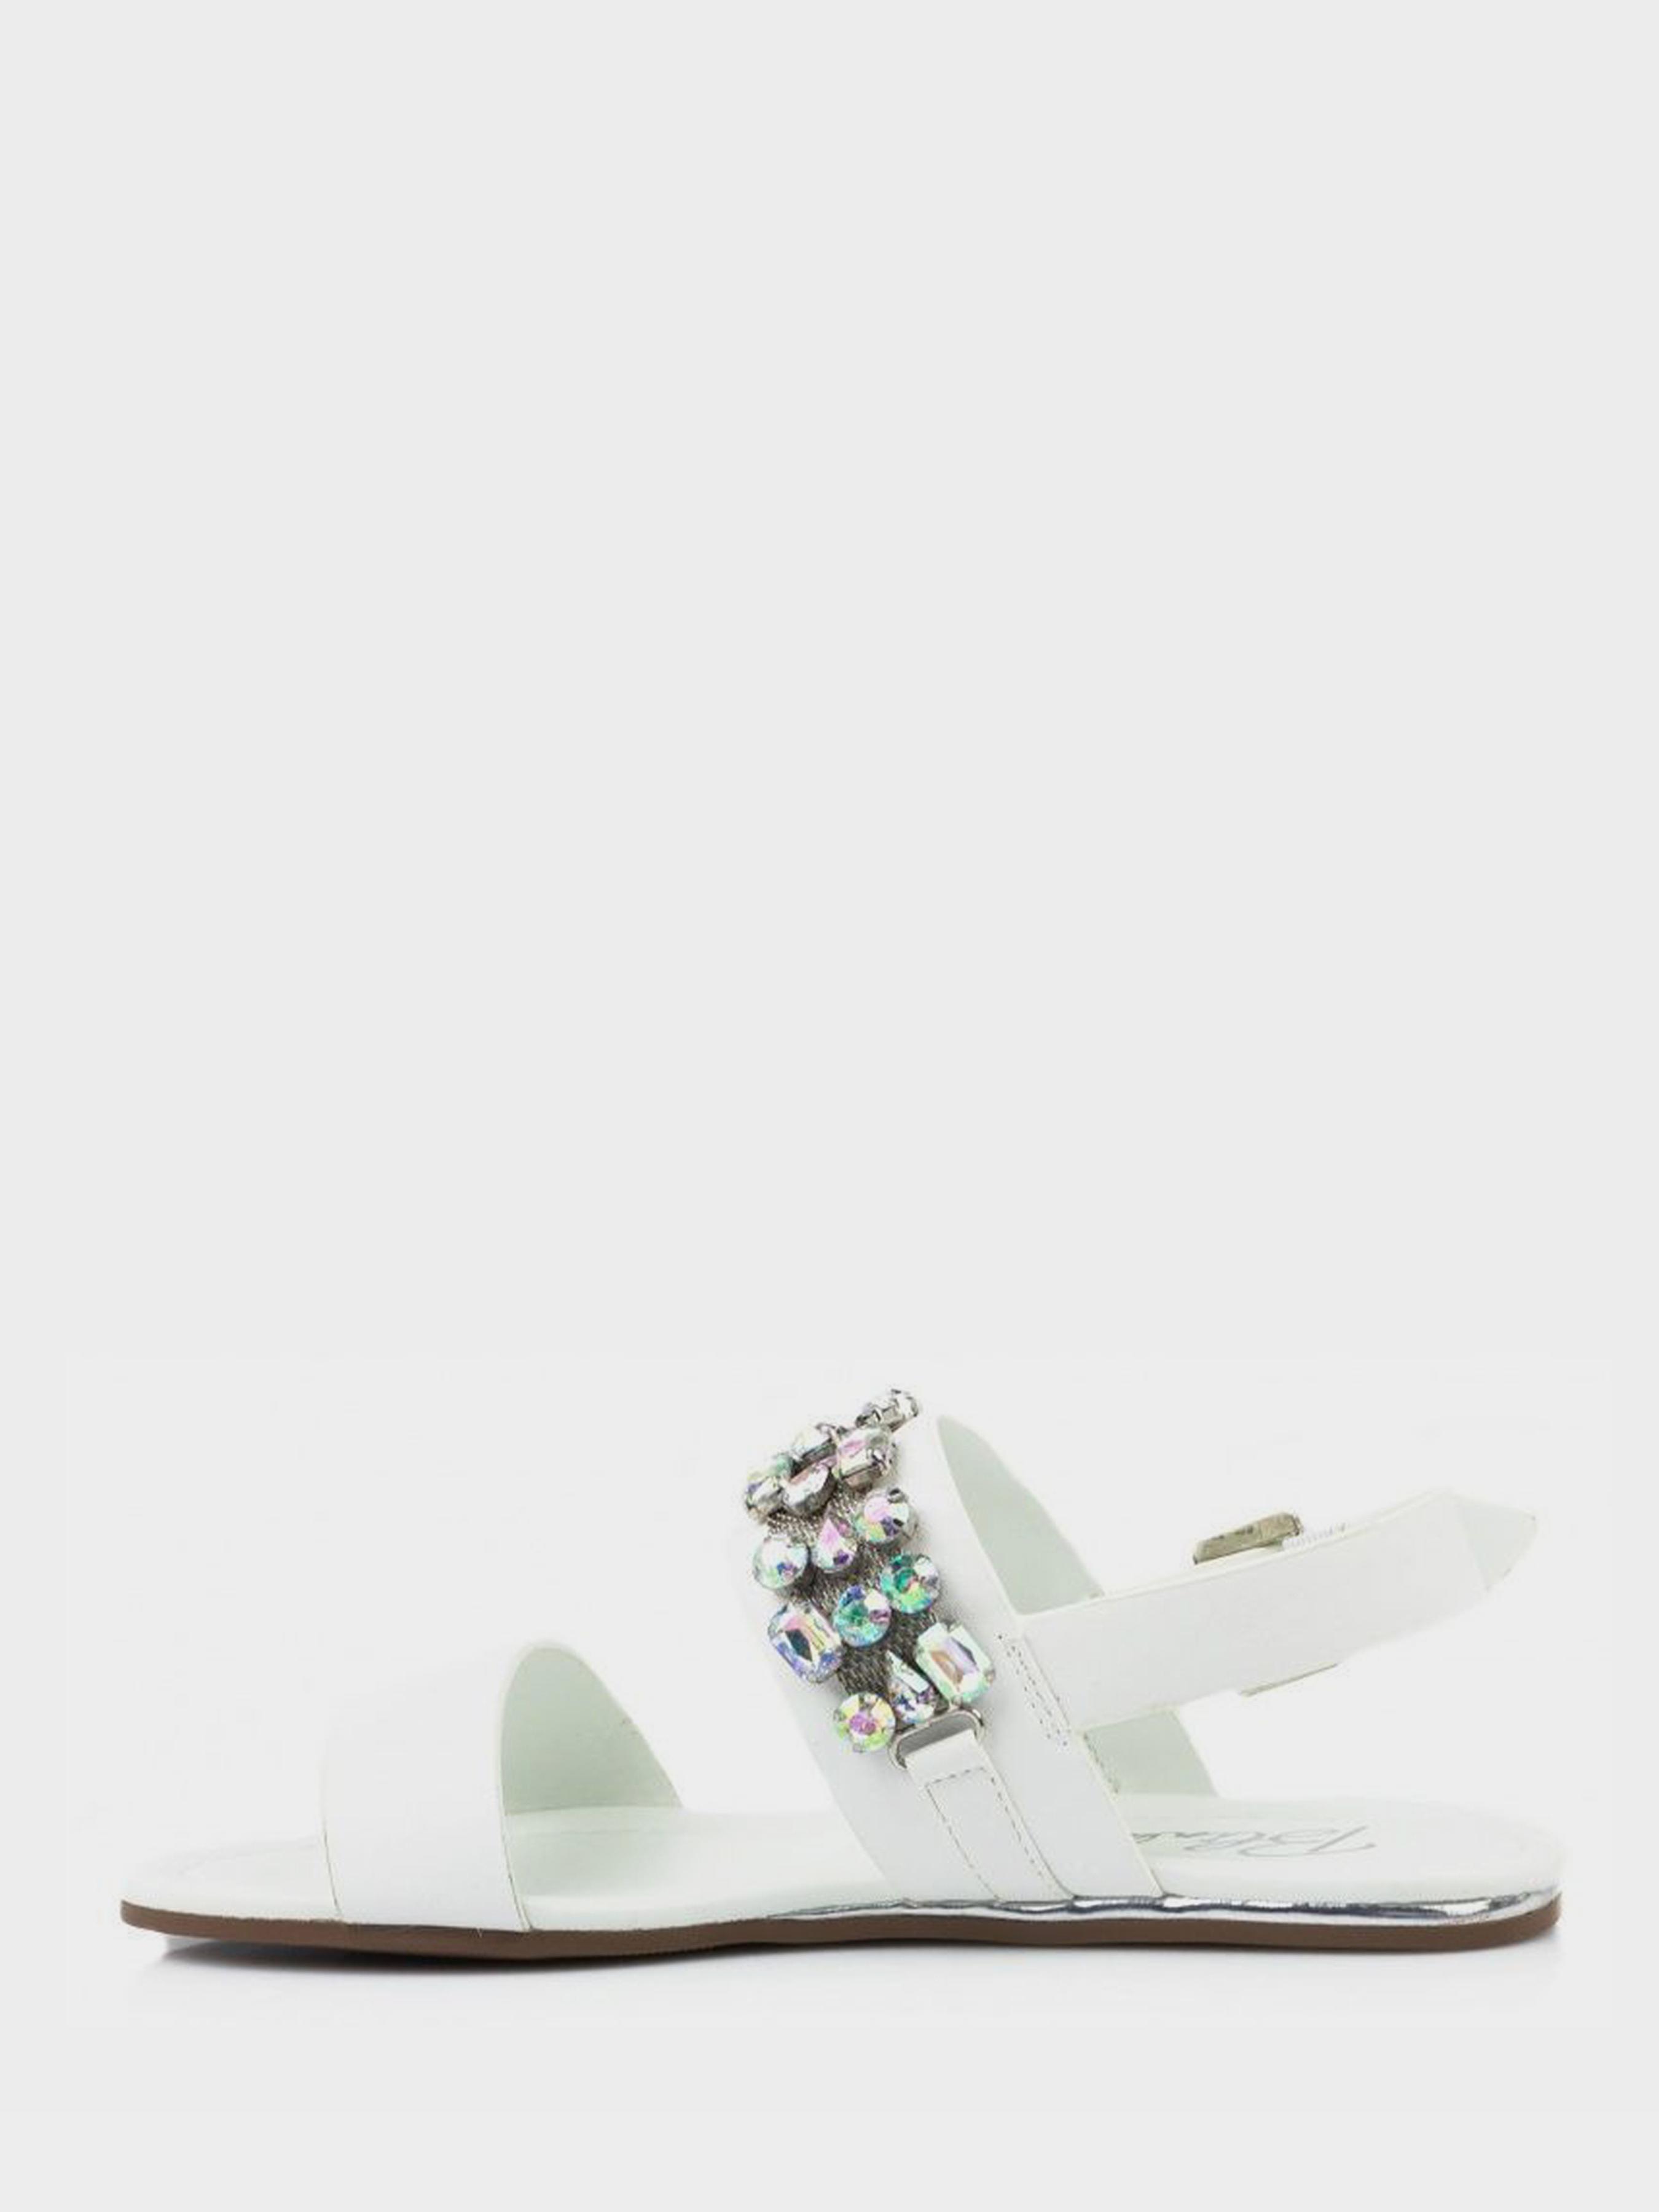 Сандалии для женщин BLINK BL1807 размерная сетка обуви, 2017